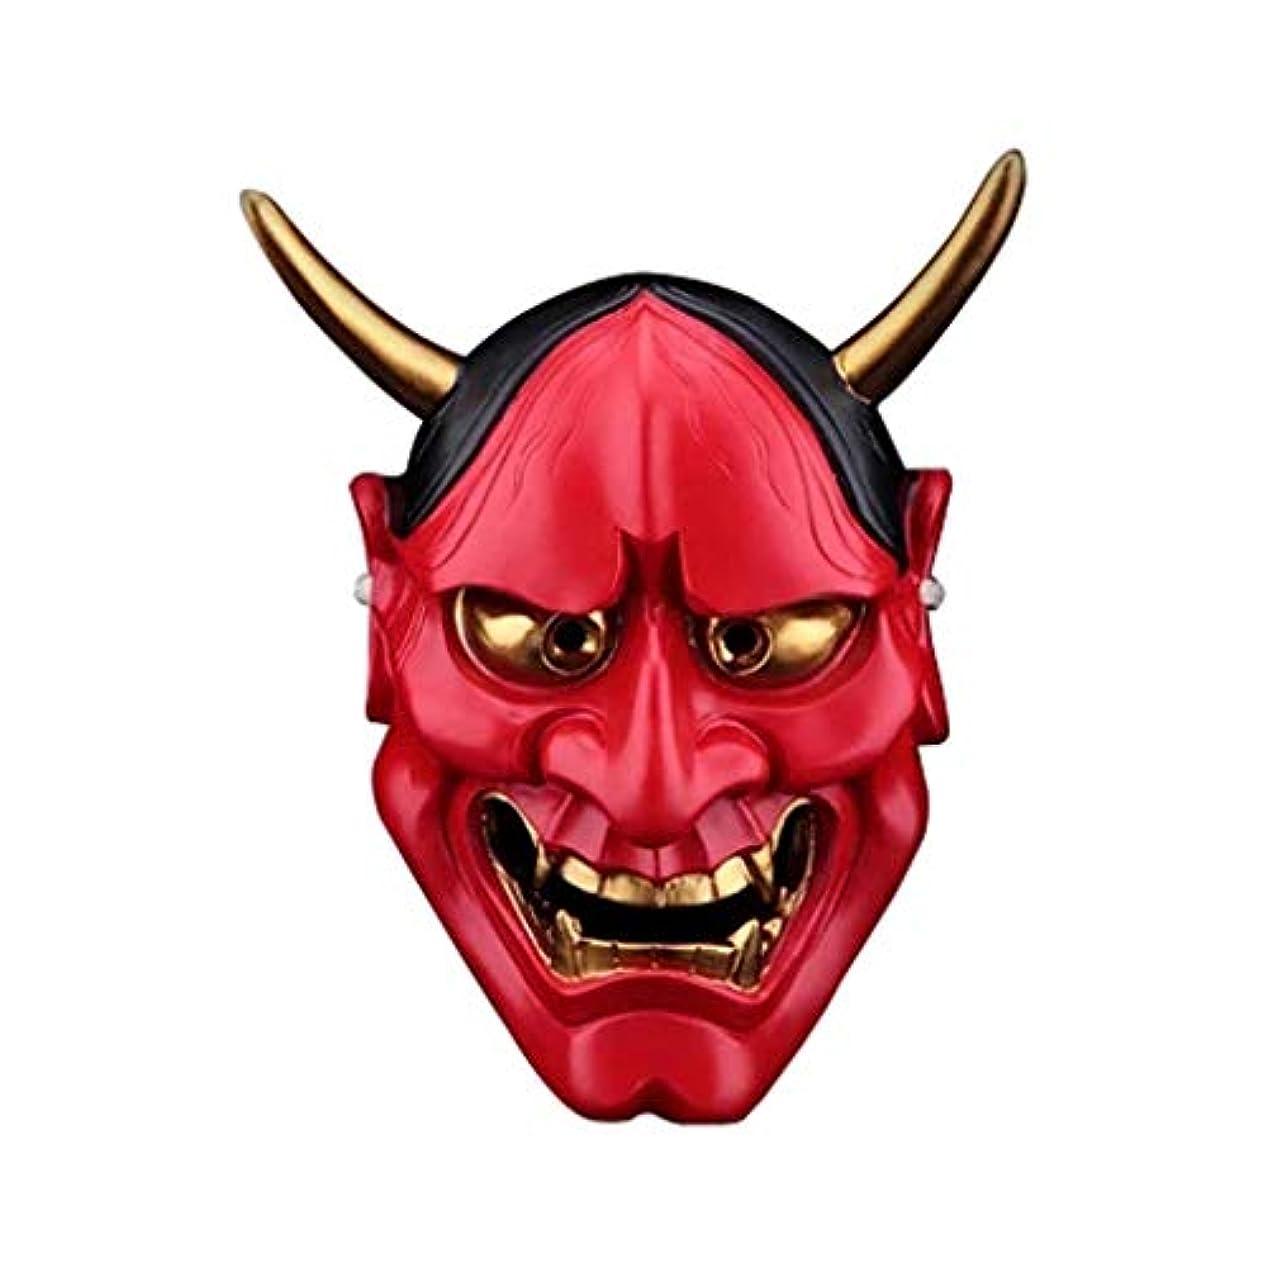 ソーセージかもめ編集するハロウィンホラーマスク、成人用樹脂マスクデコレーション (Color : WHITE)